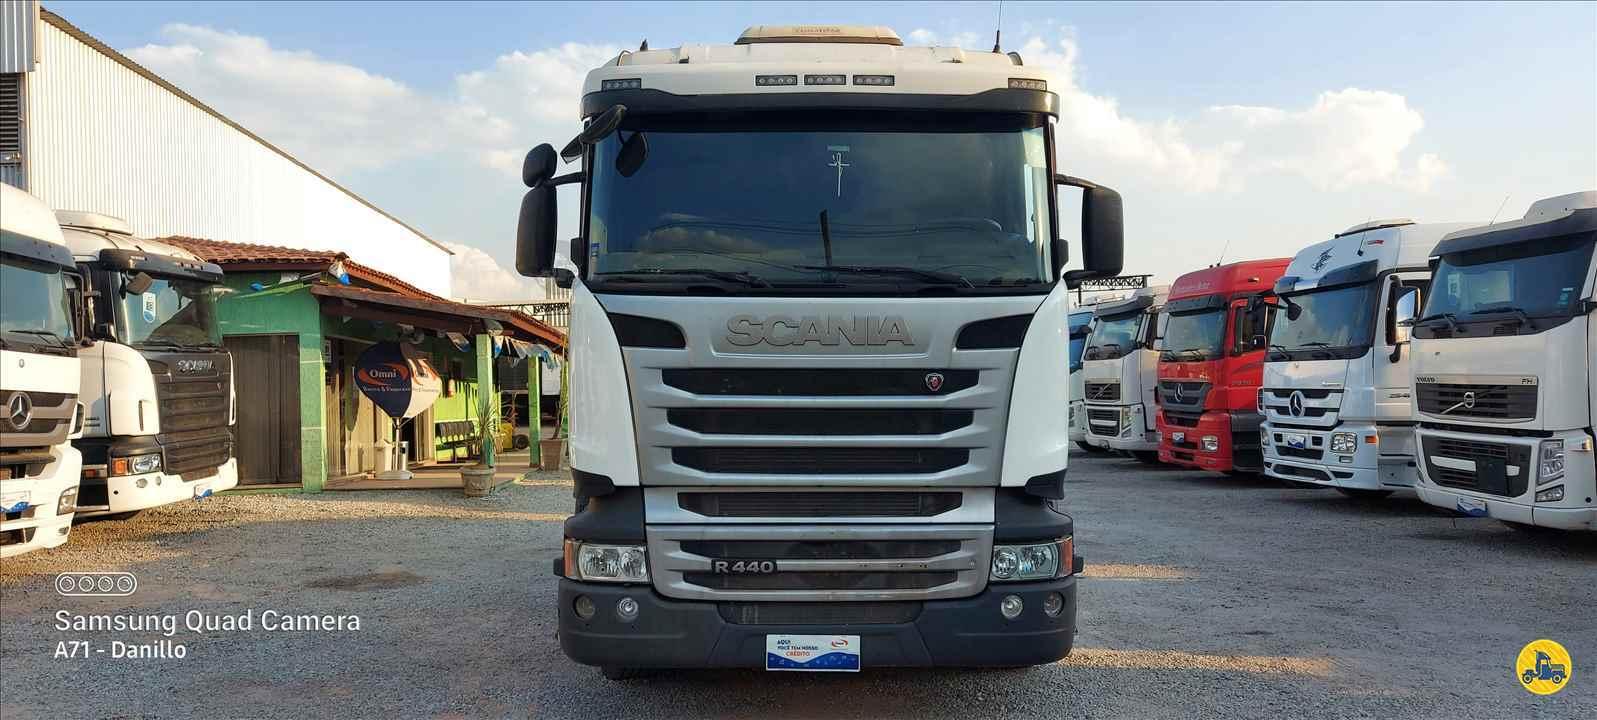 CAMINHAO SCANIA SCANIA 440 Cavalo Mecânico Truck 6x2 13 de Maio Caminhões BETIM MINAS GERAIS MG